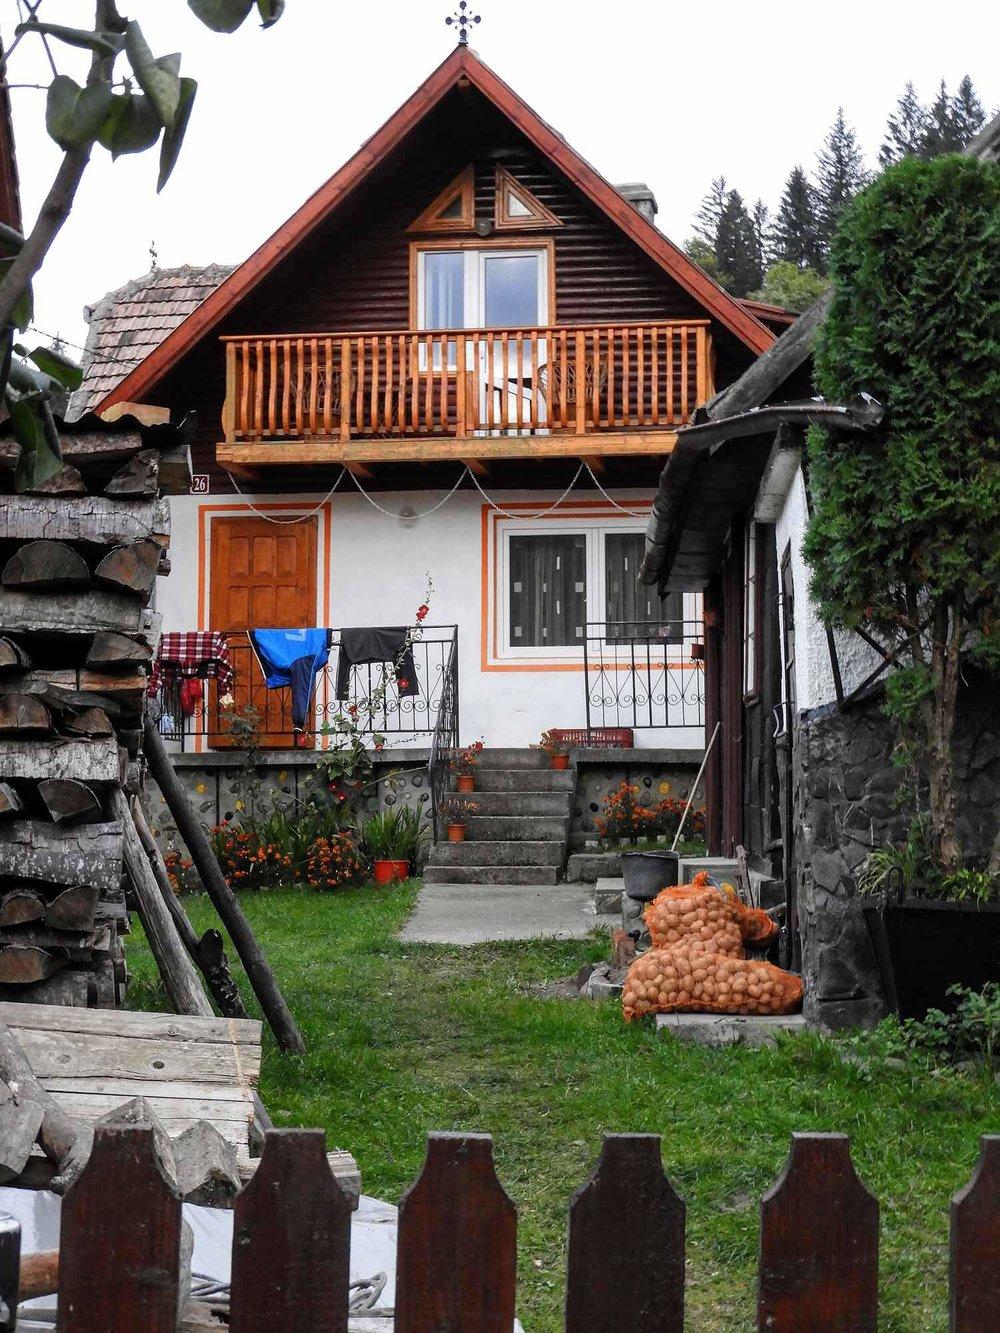 romania-bran-house-potato-sacks.jpg